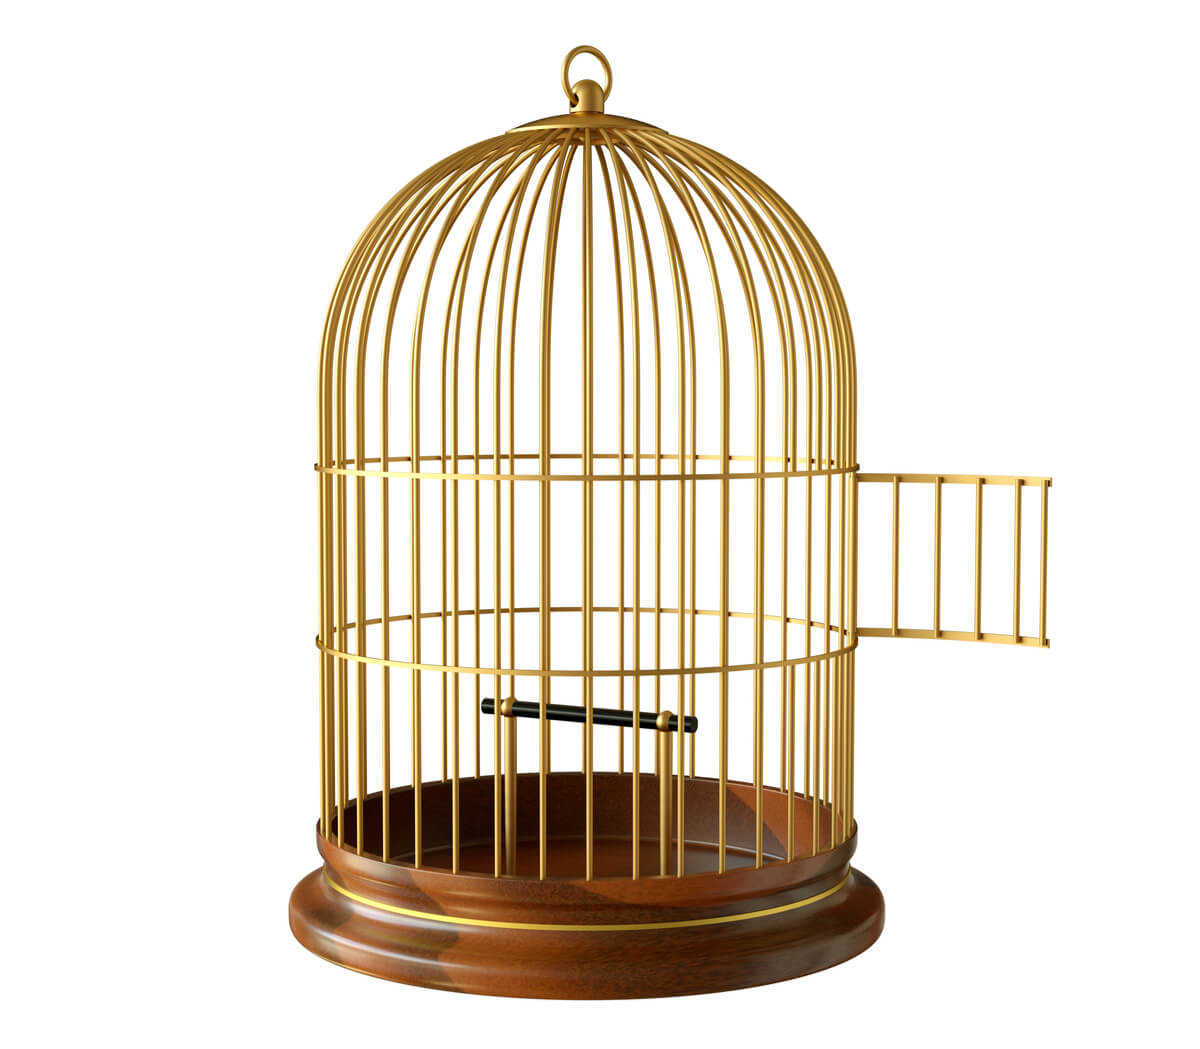 Dejar volar a un pájaro fuera de la jaula.